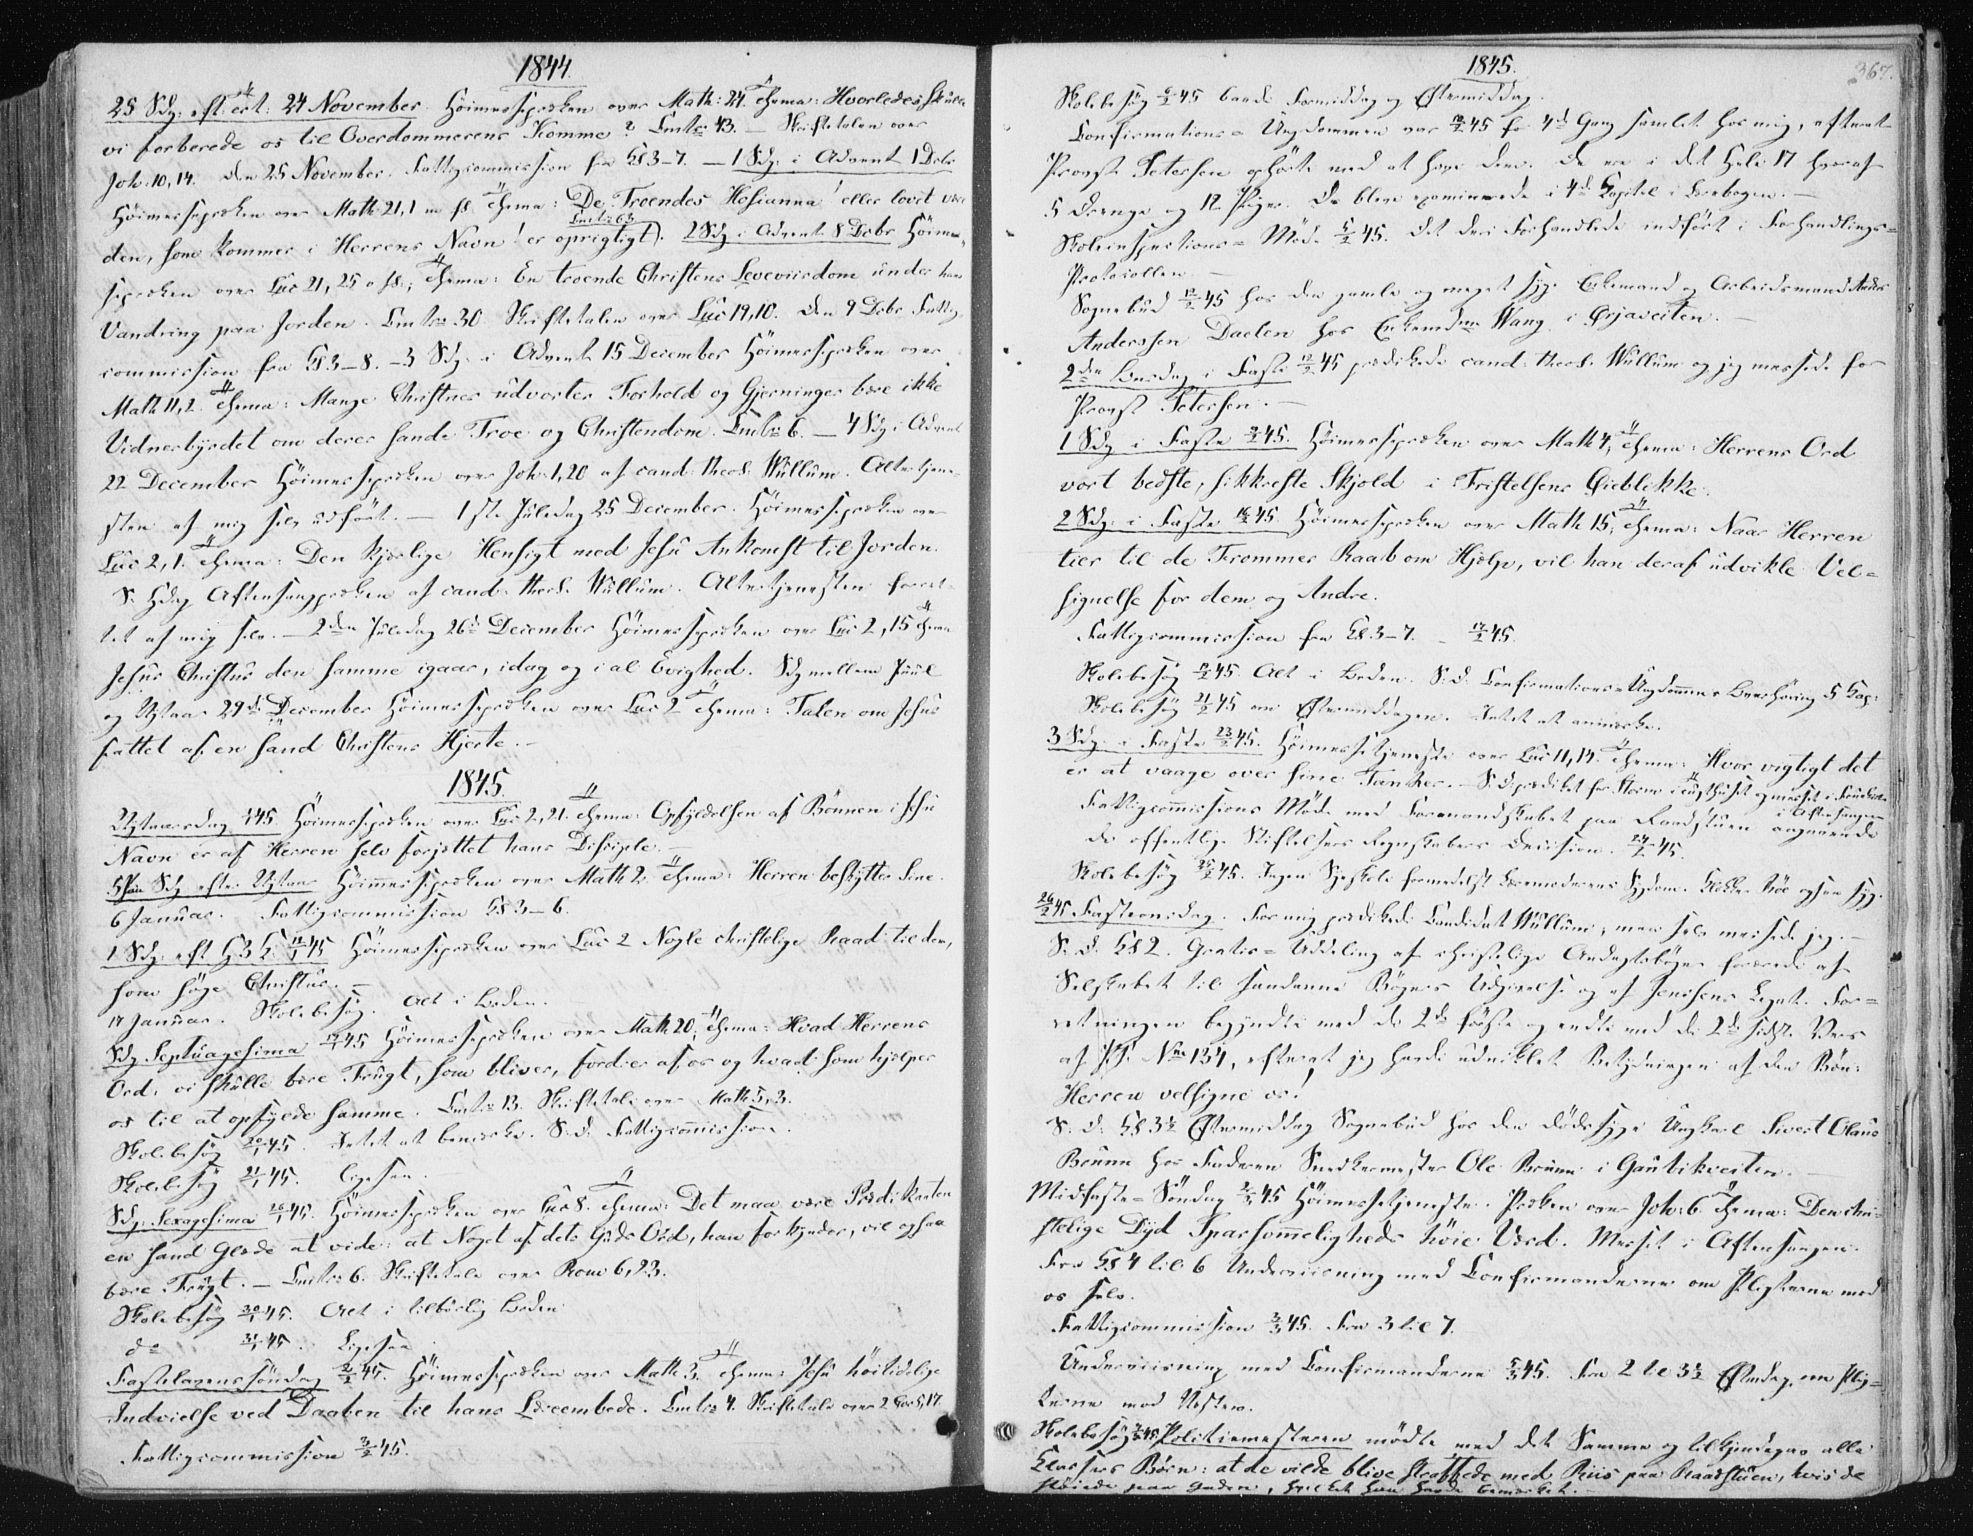 SAT, Ministerialprotokoller, klokkerbøker og fødselsregistre - Sør-Trøndelag, 602/L0110: Ministerialbok nr. 602A08, 1840-1854, s. 367